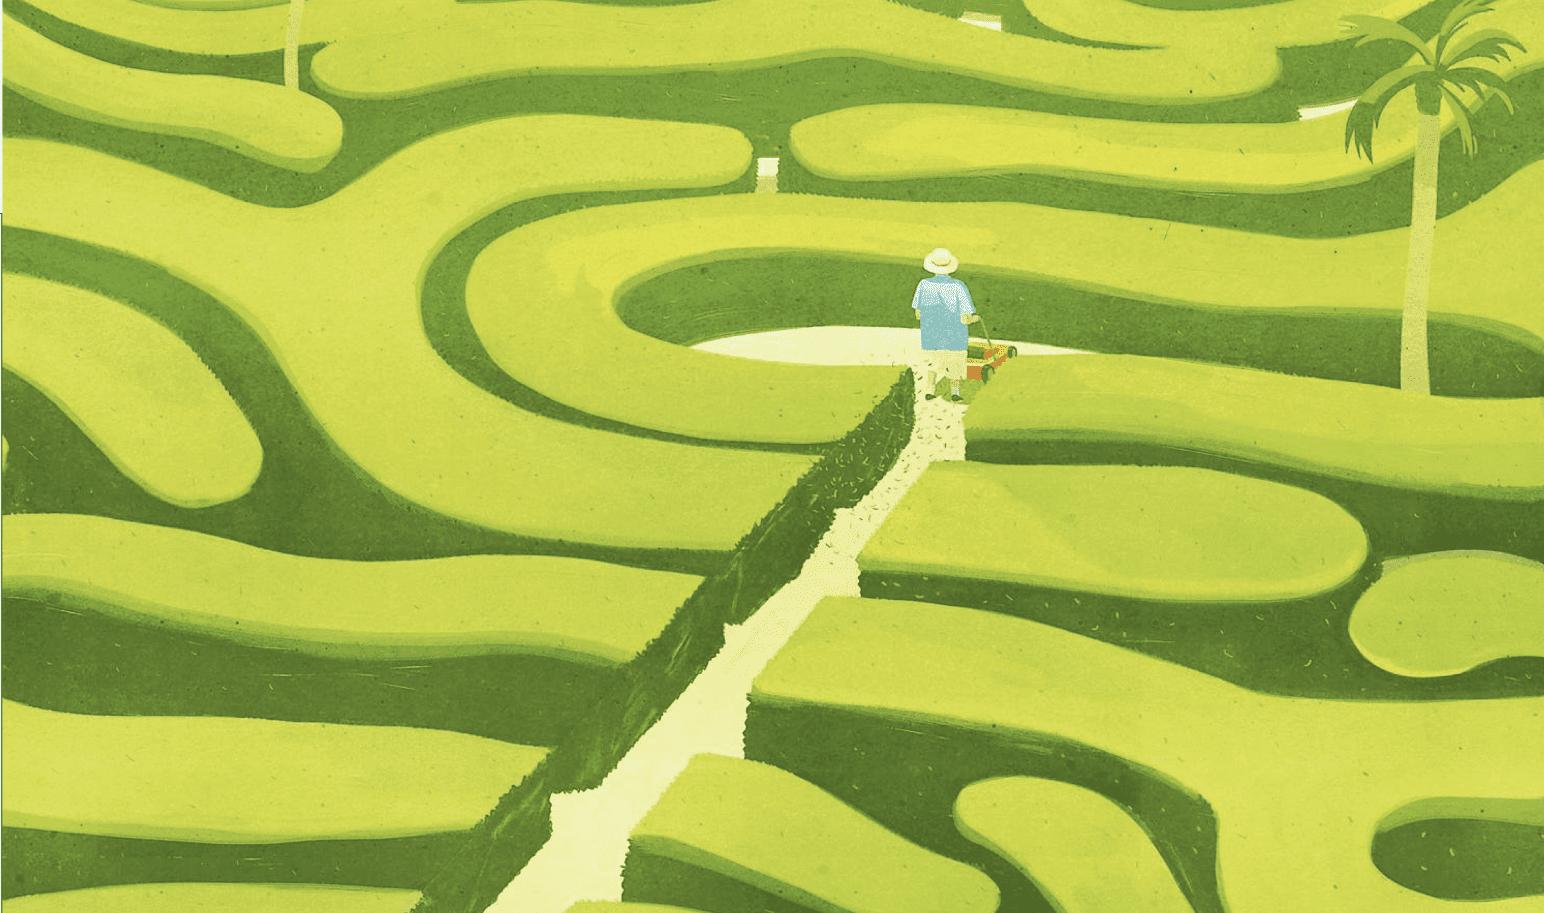 Uomo che percorre un labirinto con l'aiuto di un taglia erba